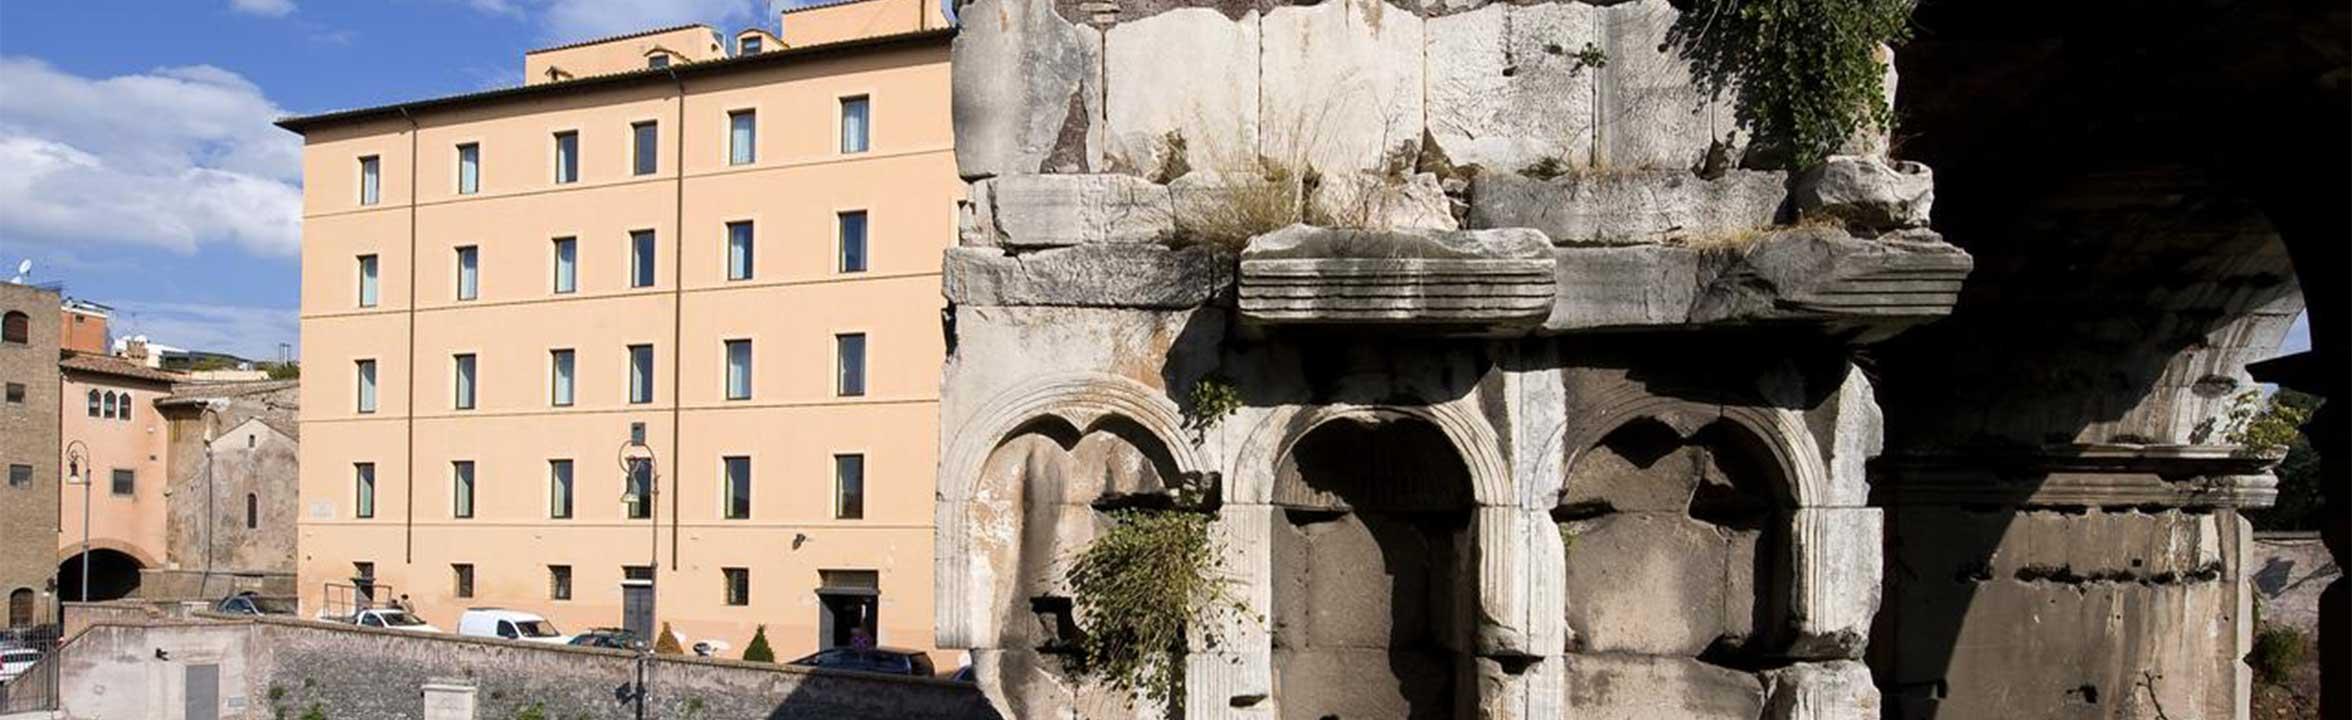 palazzo velabro facciata 3